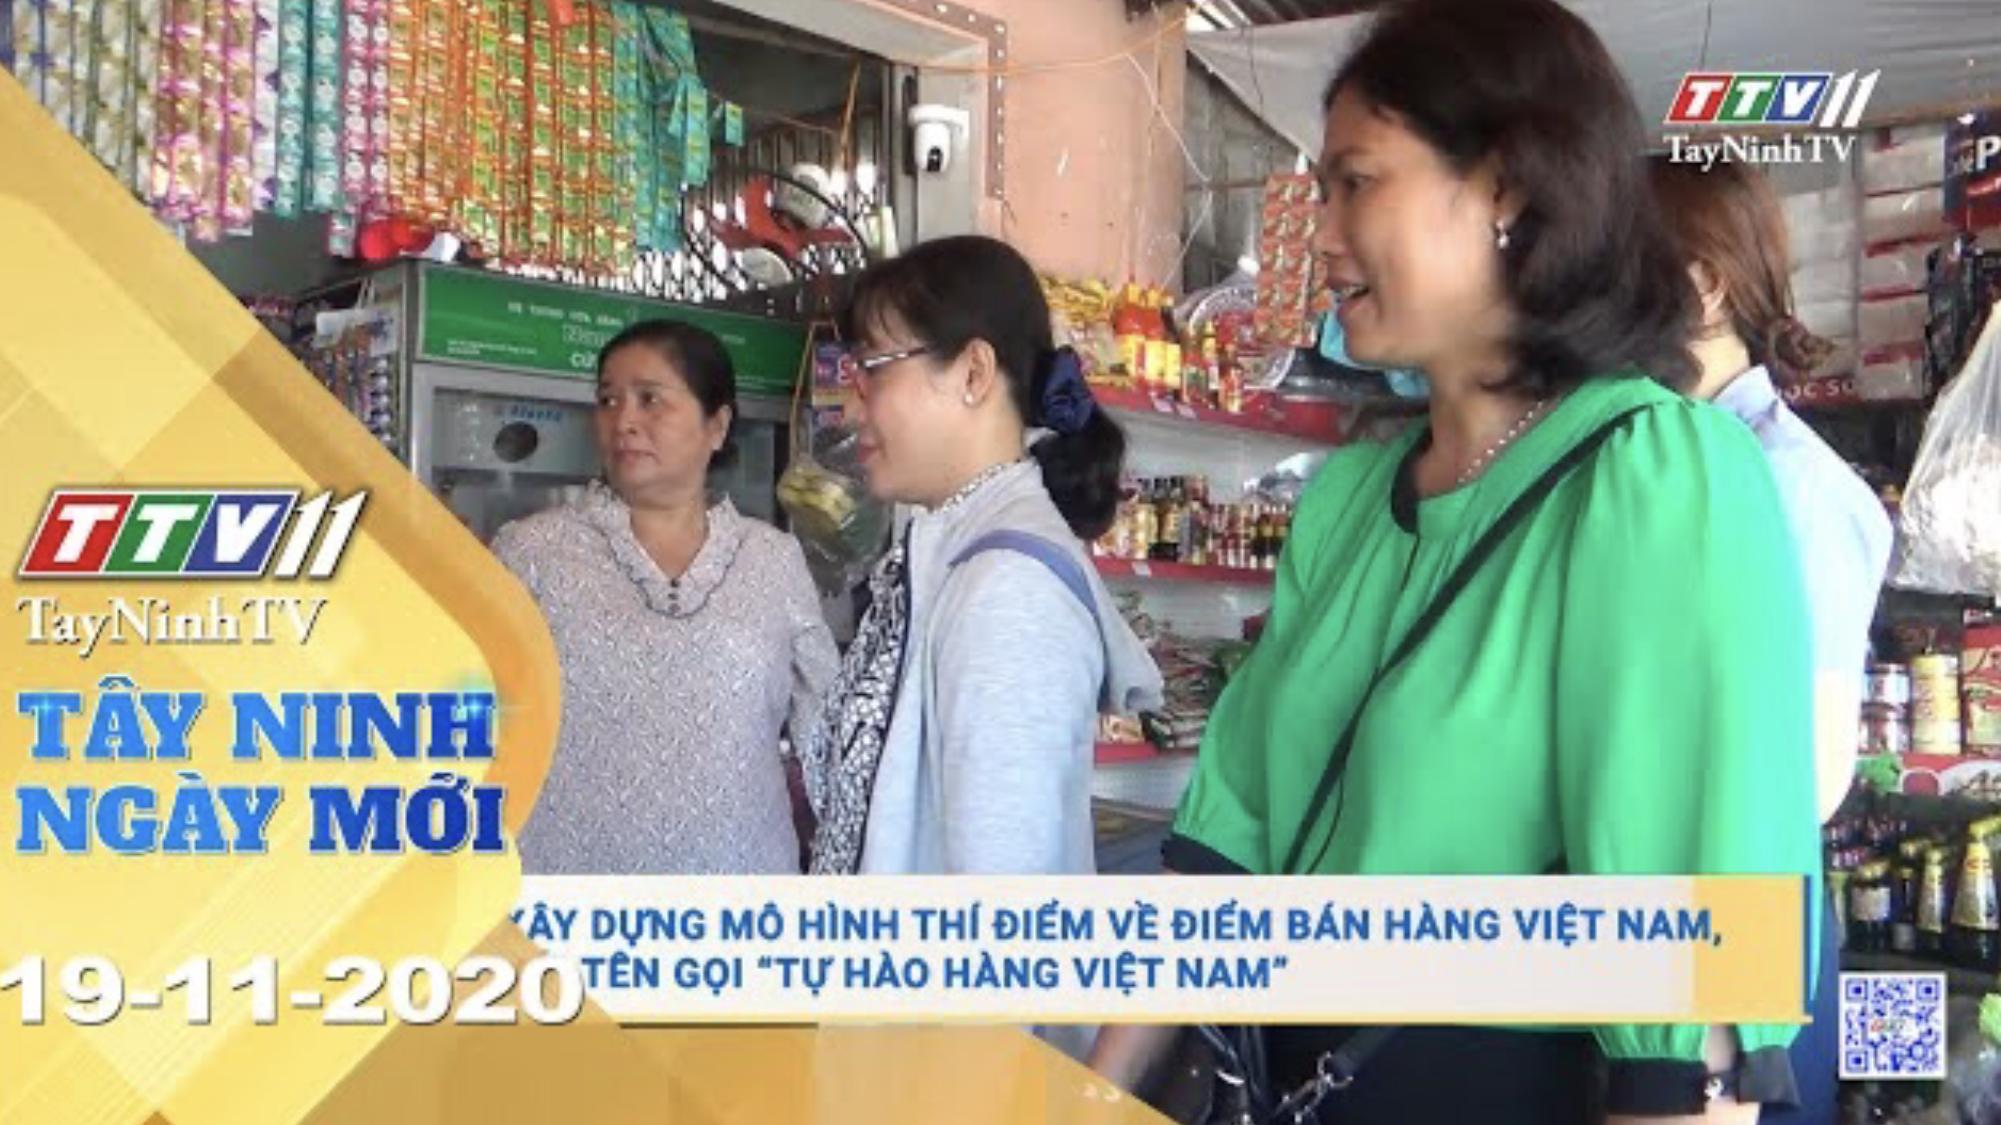 Tây Ninh Ngày Mới 20-11-2020 | Tin tức hôm nay | TayNinhTV